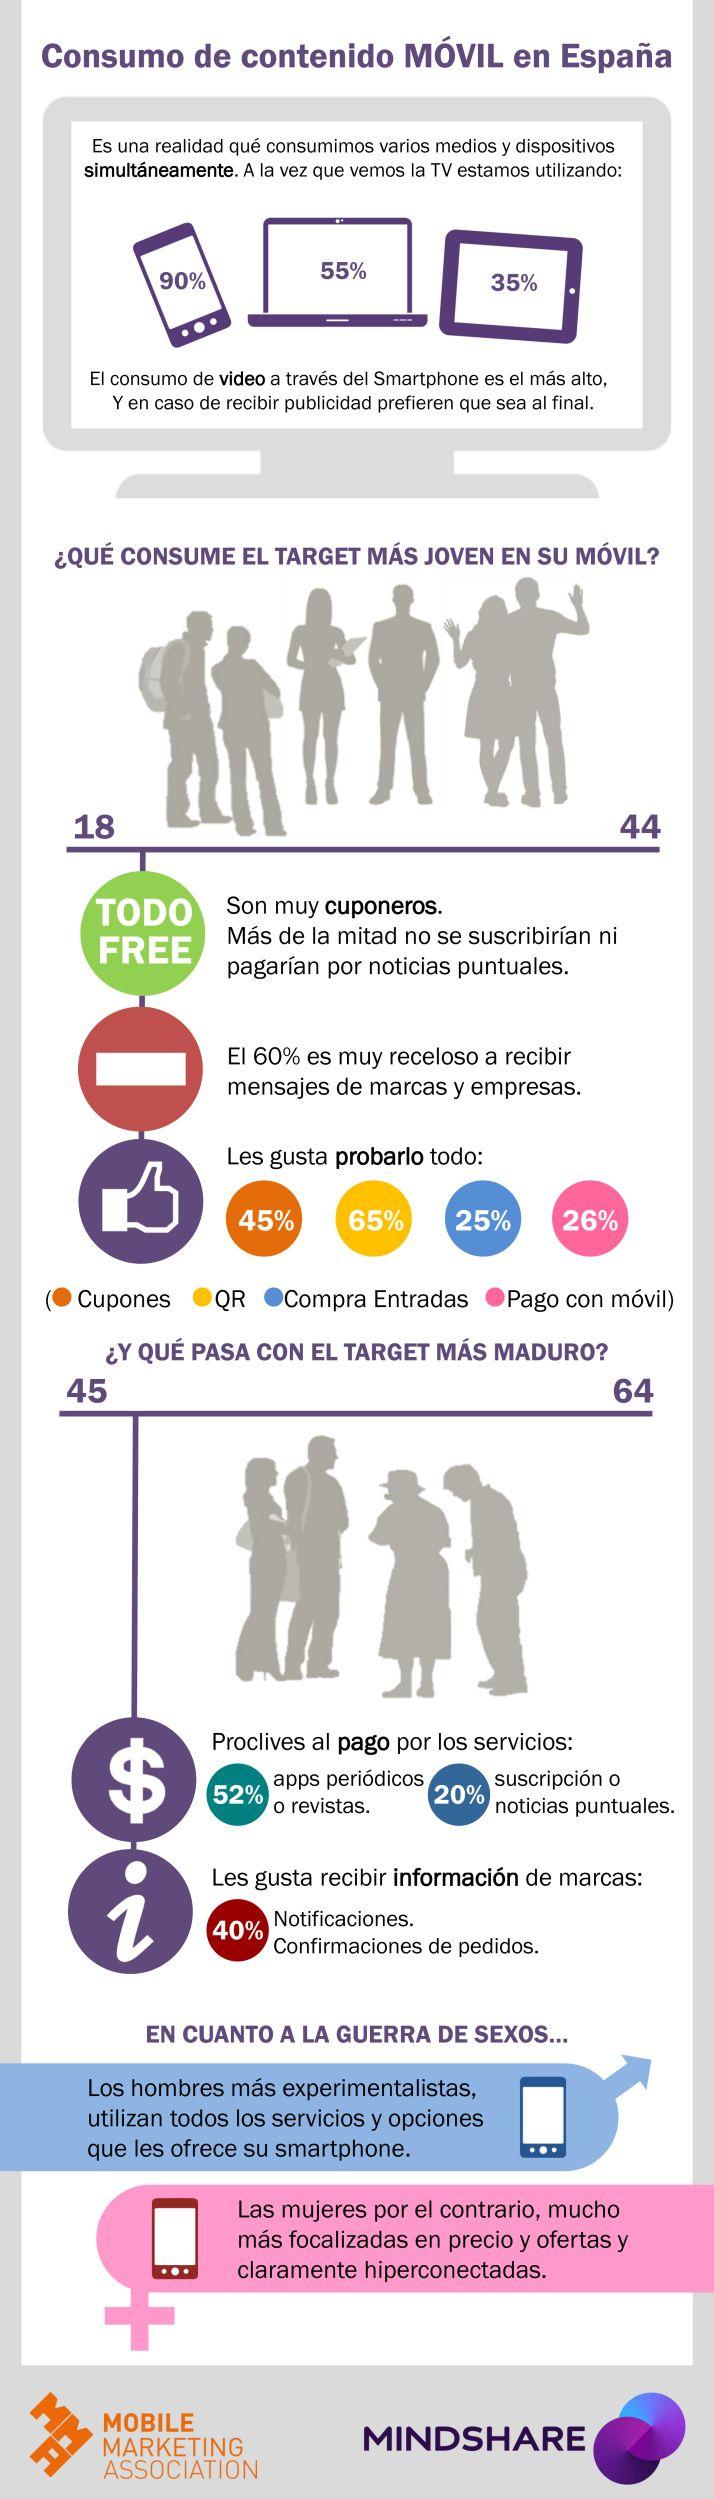 Consumo de contenido móvil en España #infografia #infographic #marketing